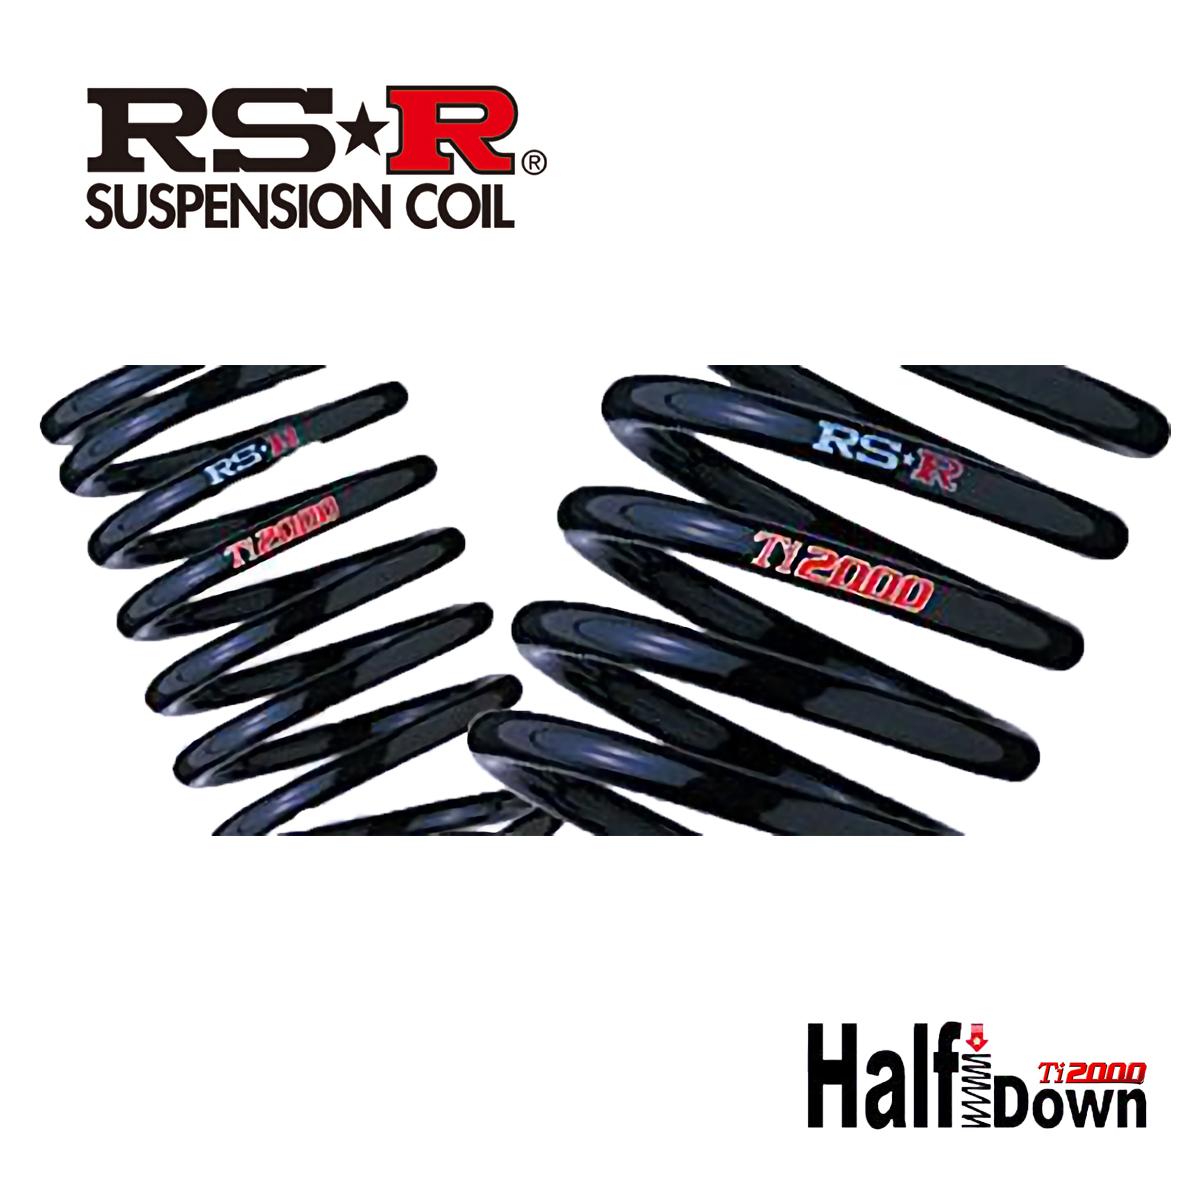 RS-R ムーヴ カスタムX/カスタムRSハイパーSA LA150S ダウンサス スプリング 1台分 D200THD Ti2000 ハーフダウン RSR 個人宅発送追金有